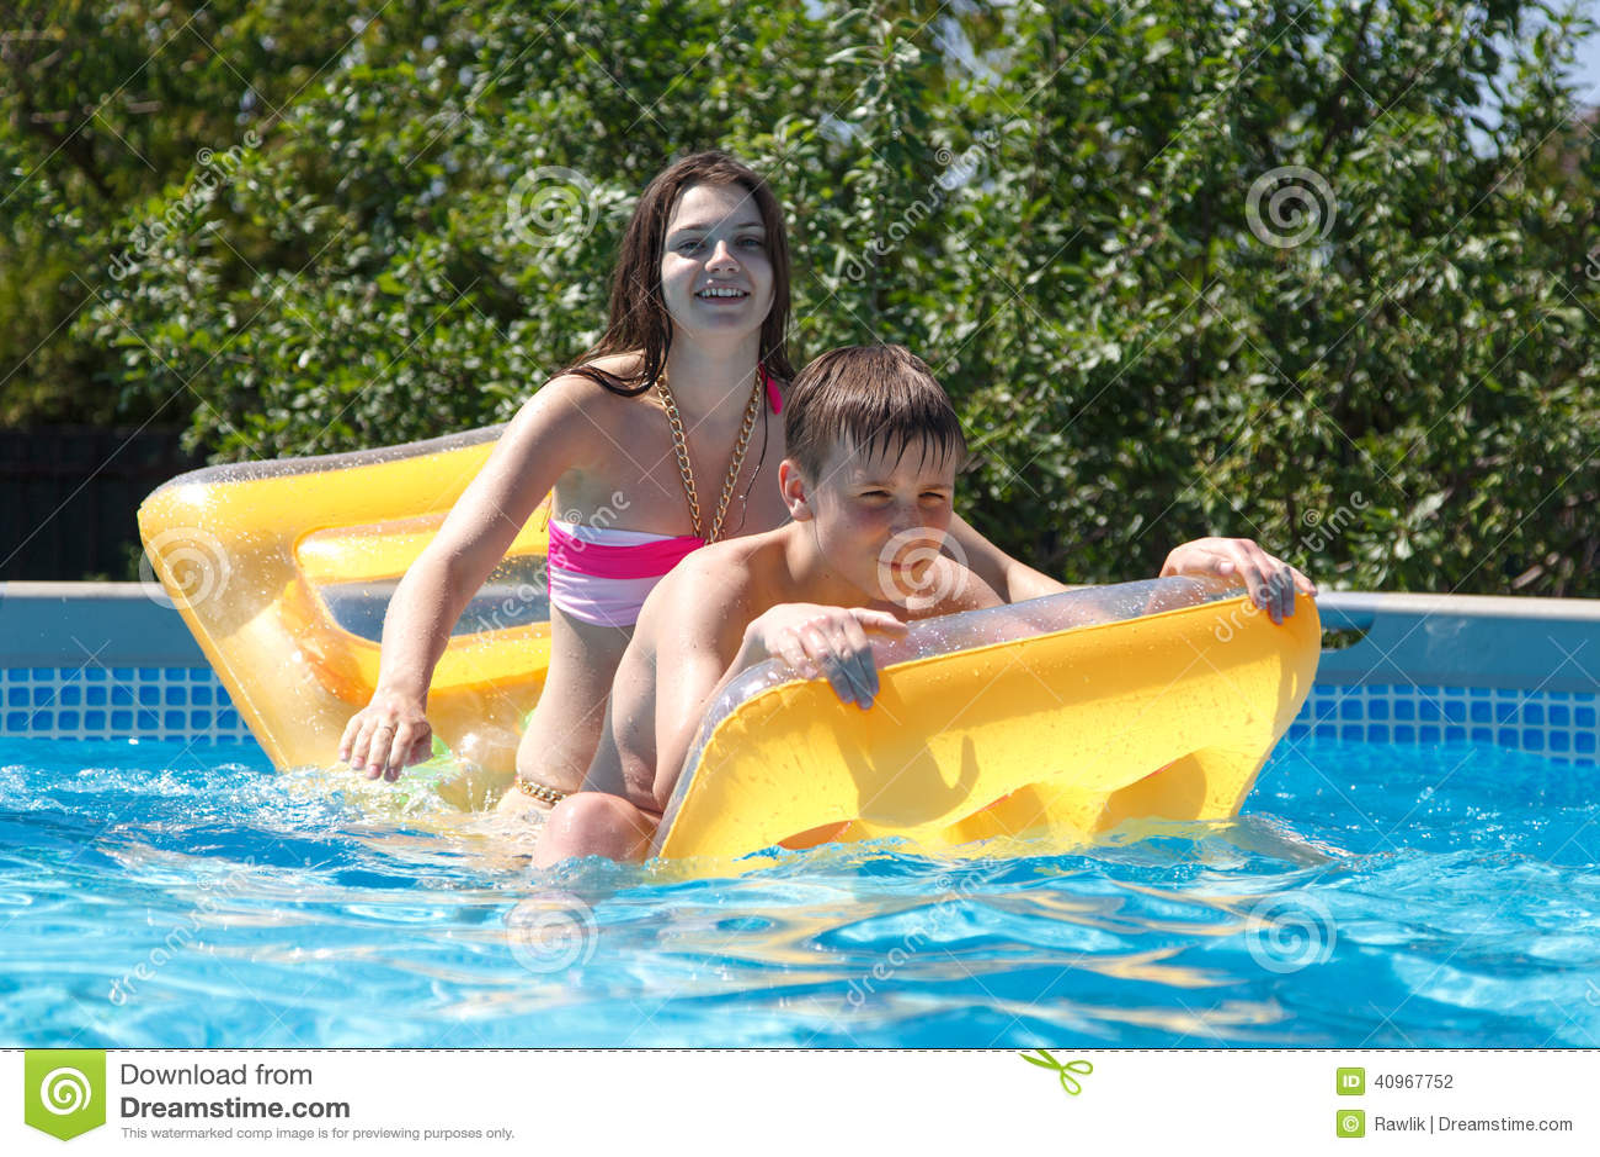 Сестра с братом купаются фото, Брат трахнул сестрицу в попку и другие порно фото 1 фотография